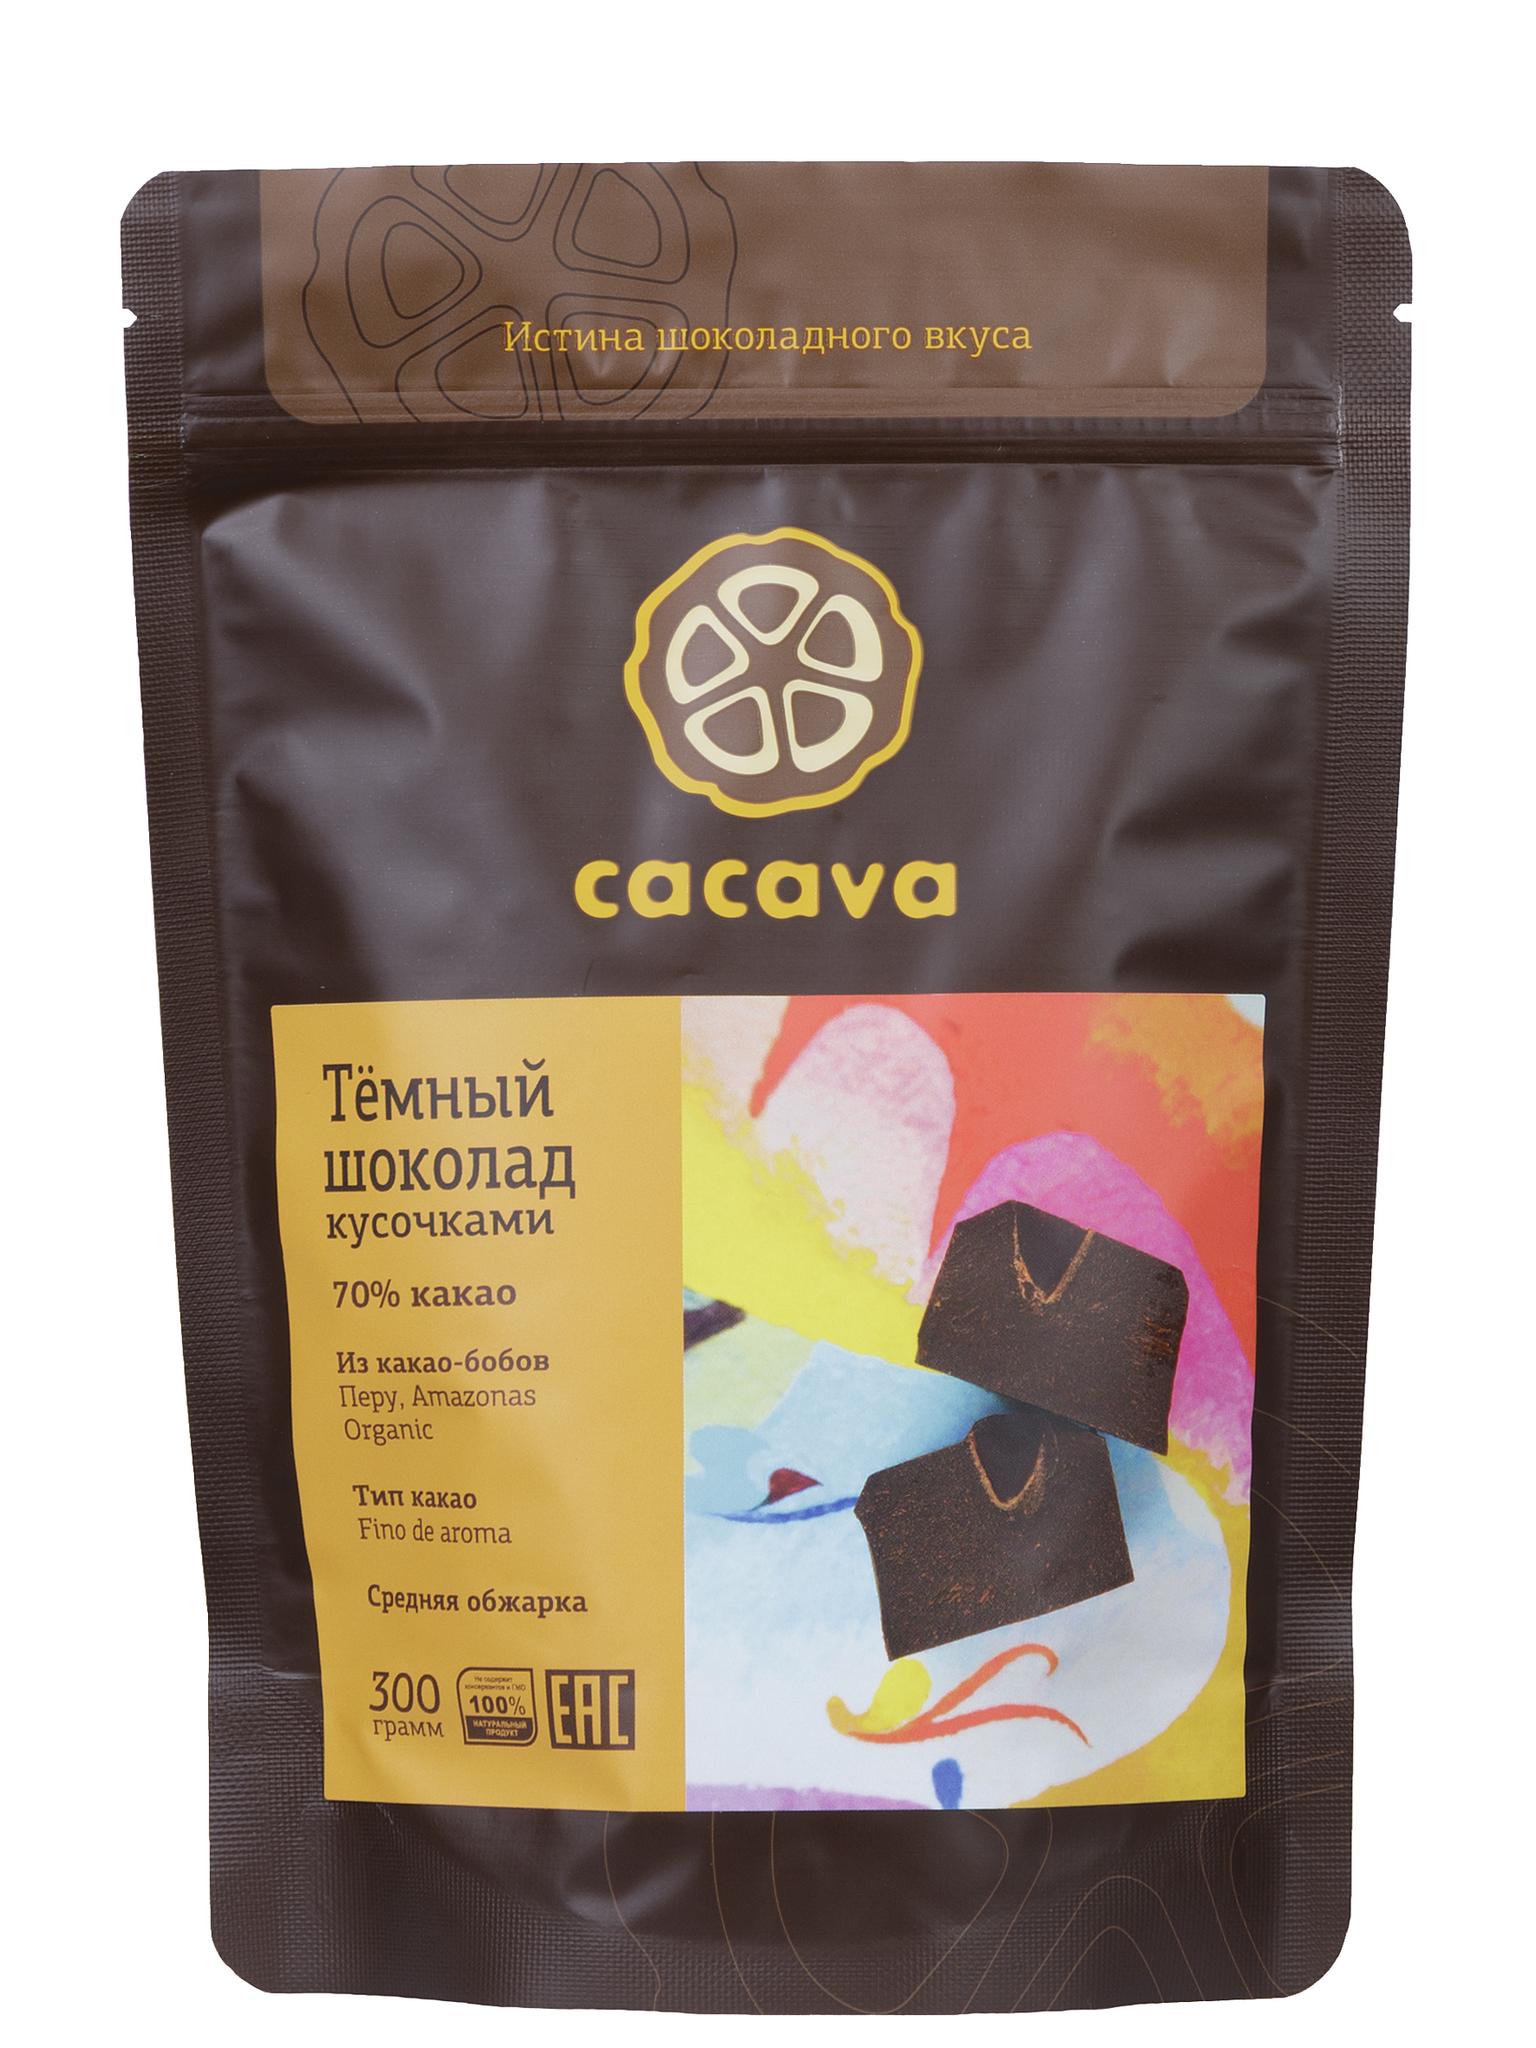 Тёмный шоколад 70 % какао (Перу, Amazonas), упаковка 300 грамм